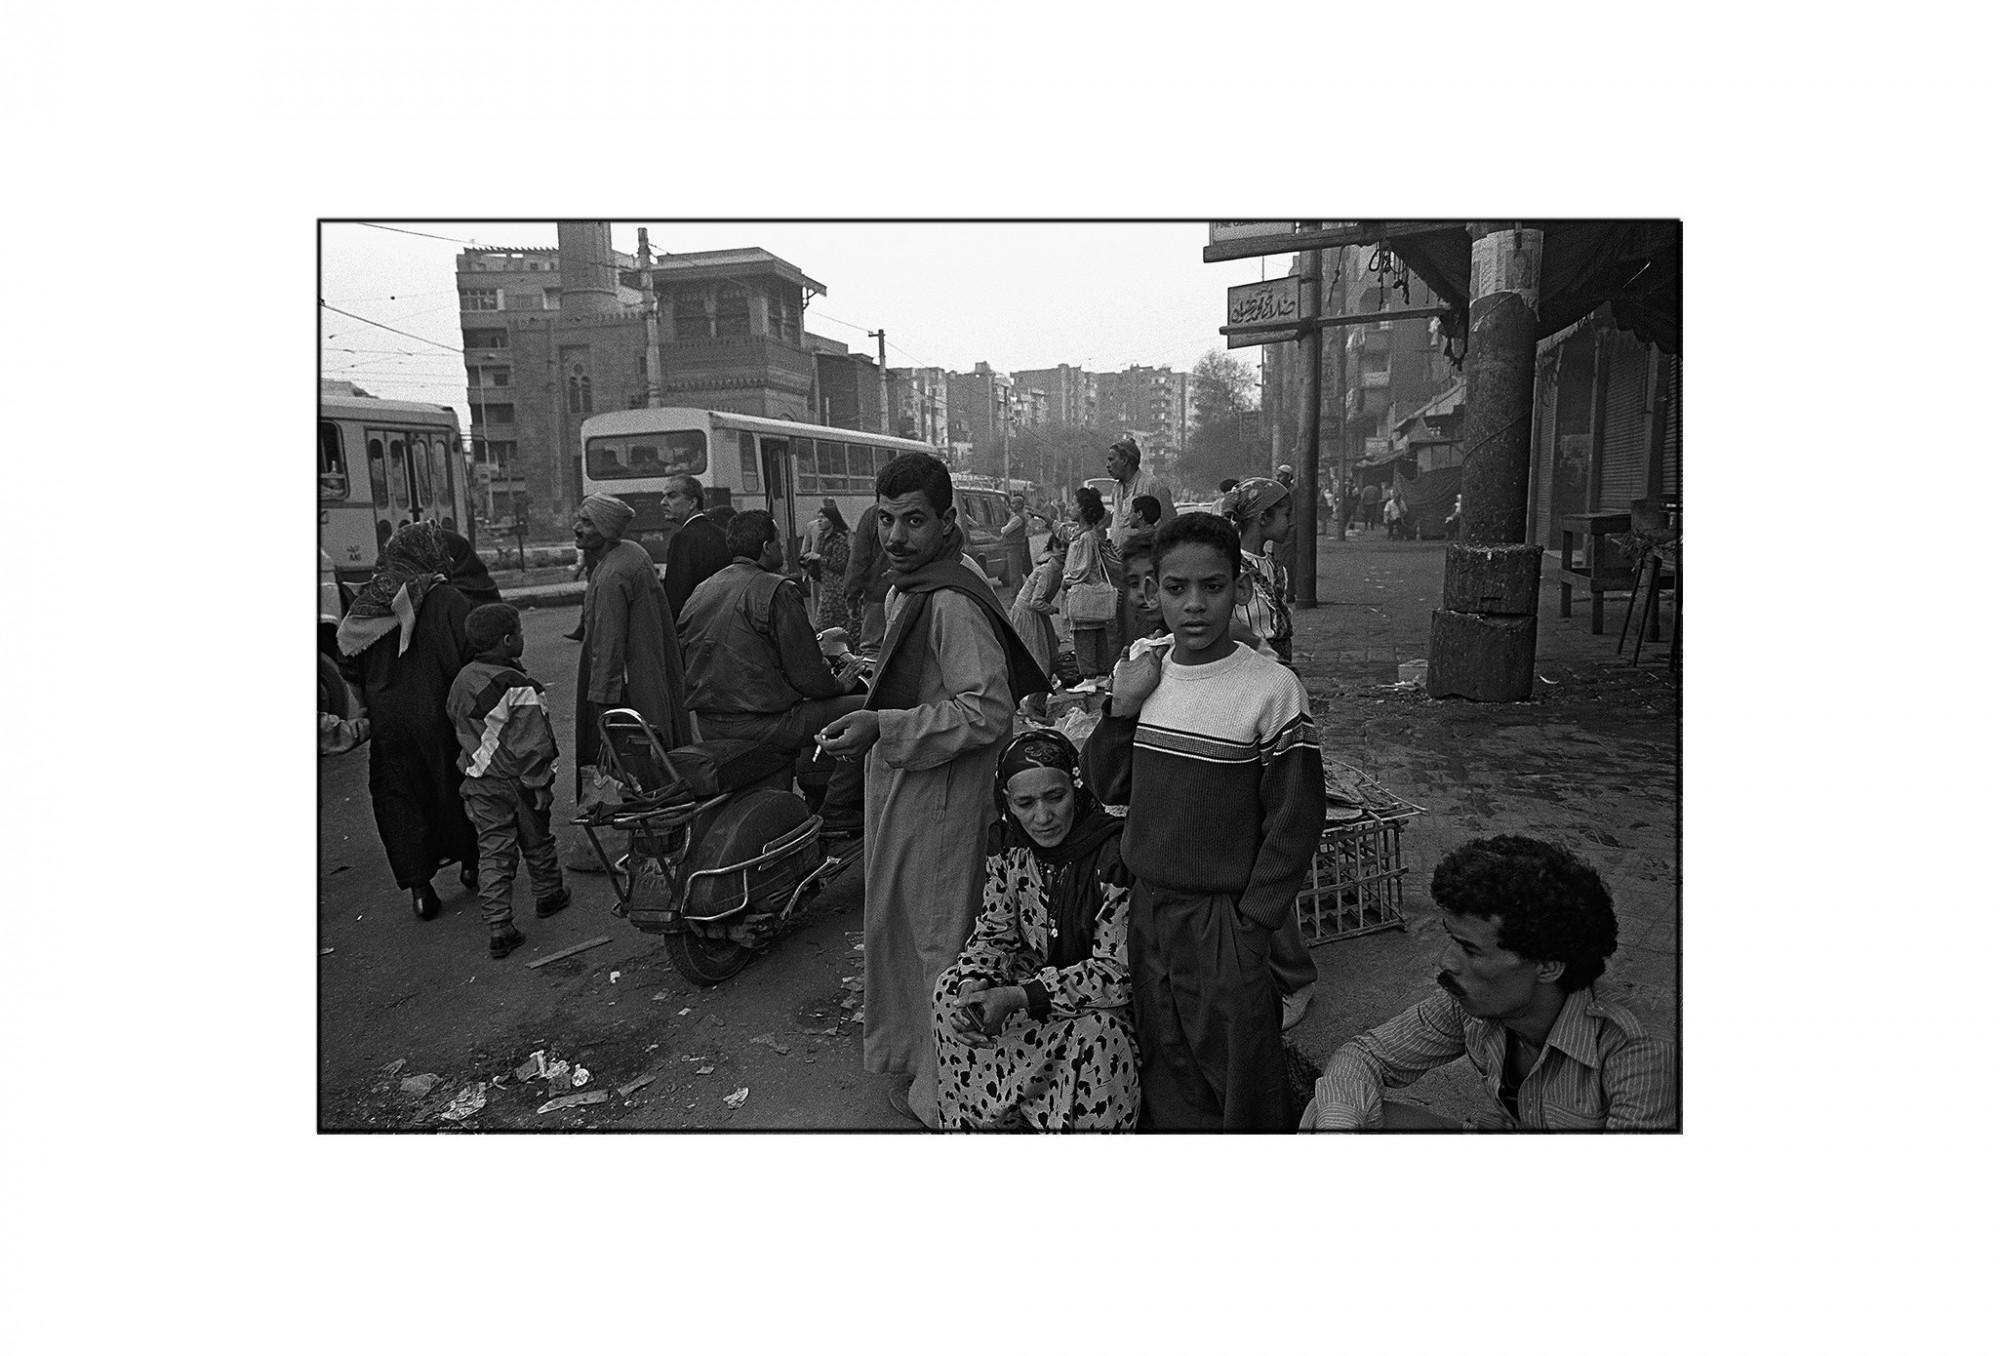 Afbeelding: Fotografie - Art, uit de reeks : De kleur van zwart. Egypte, 93-30-17, © Dominique Van Huffel.